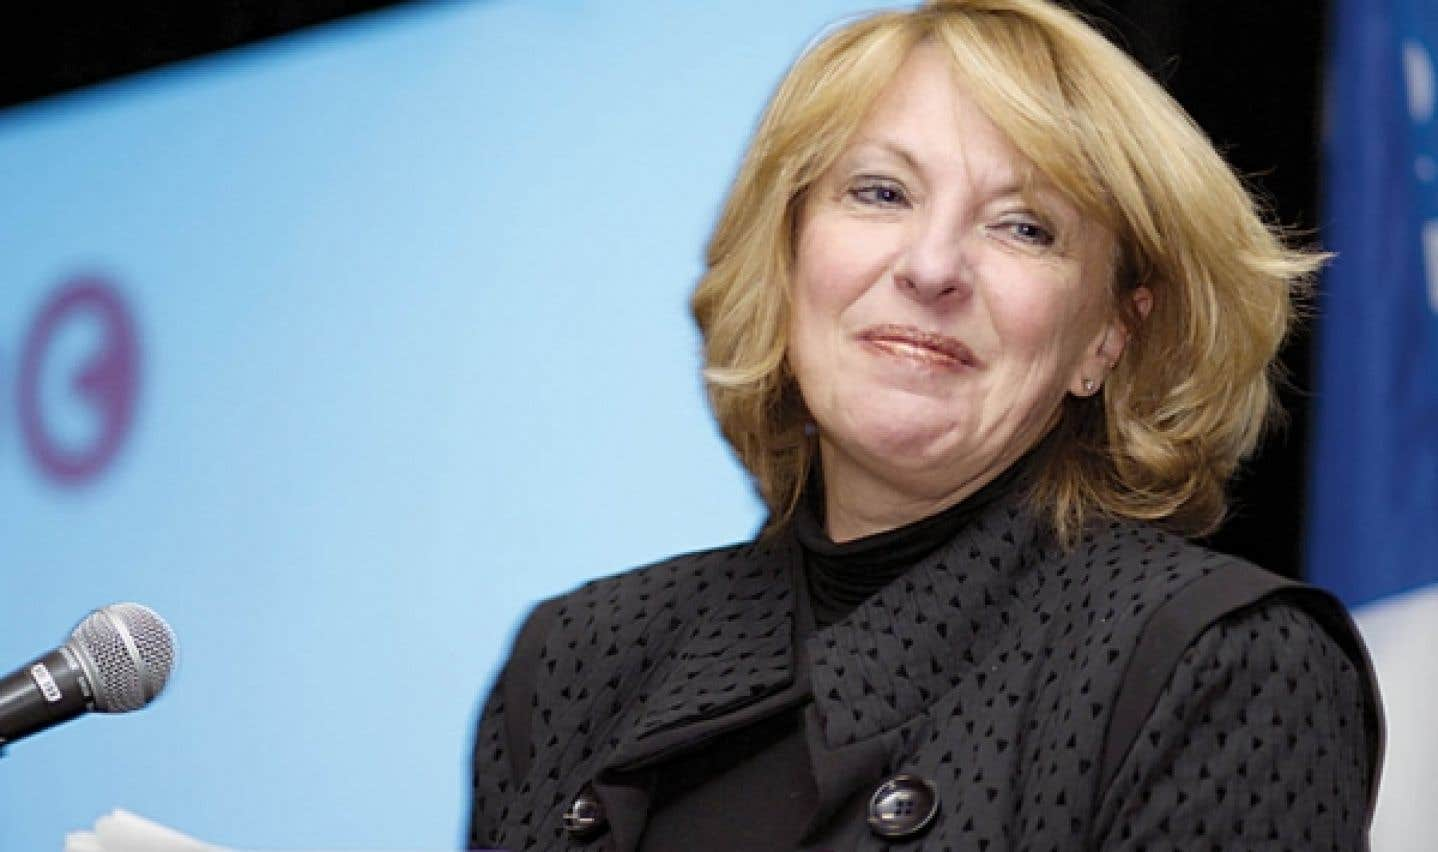 Entrevue avec Christine St-Pierre - L'égalité, plutôt que le féminisme, pour accrocher les jeunes!